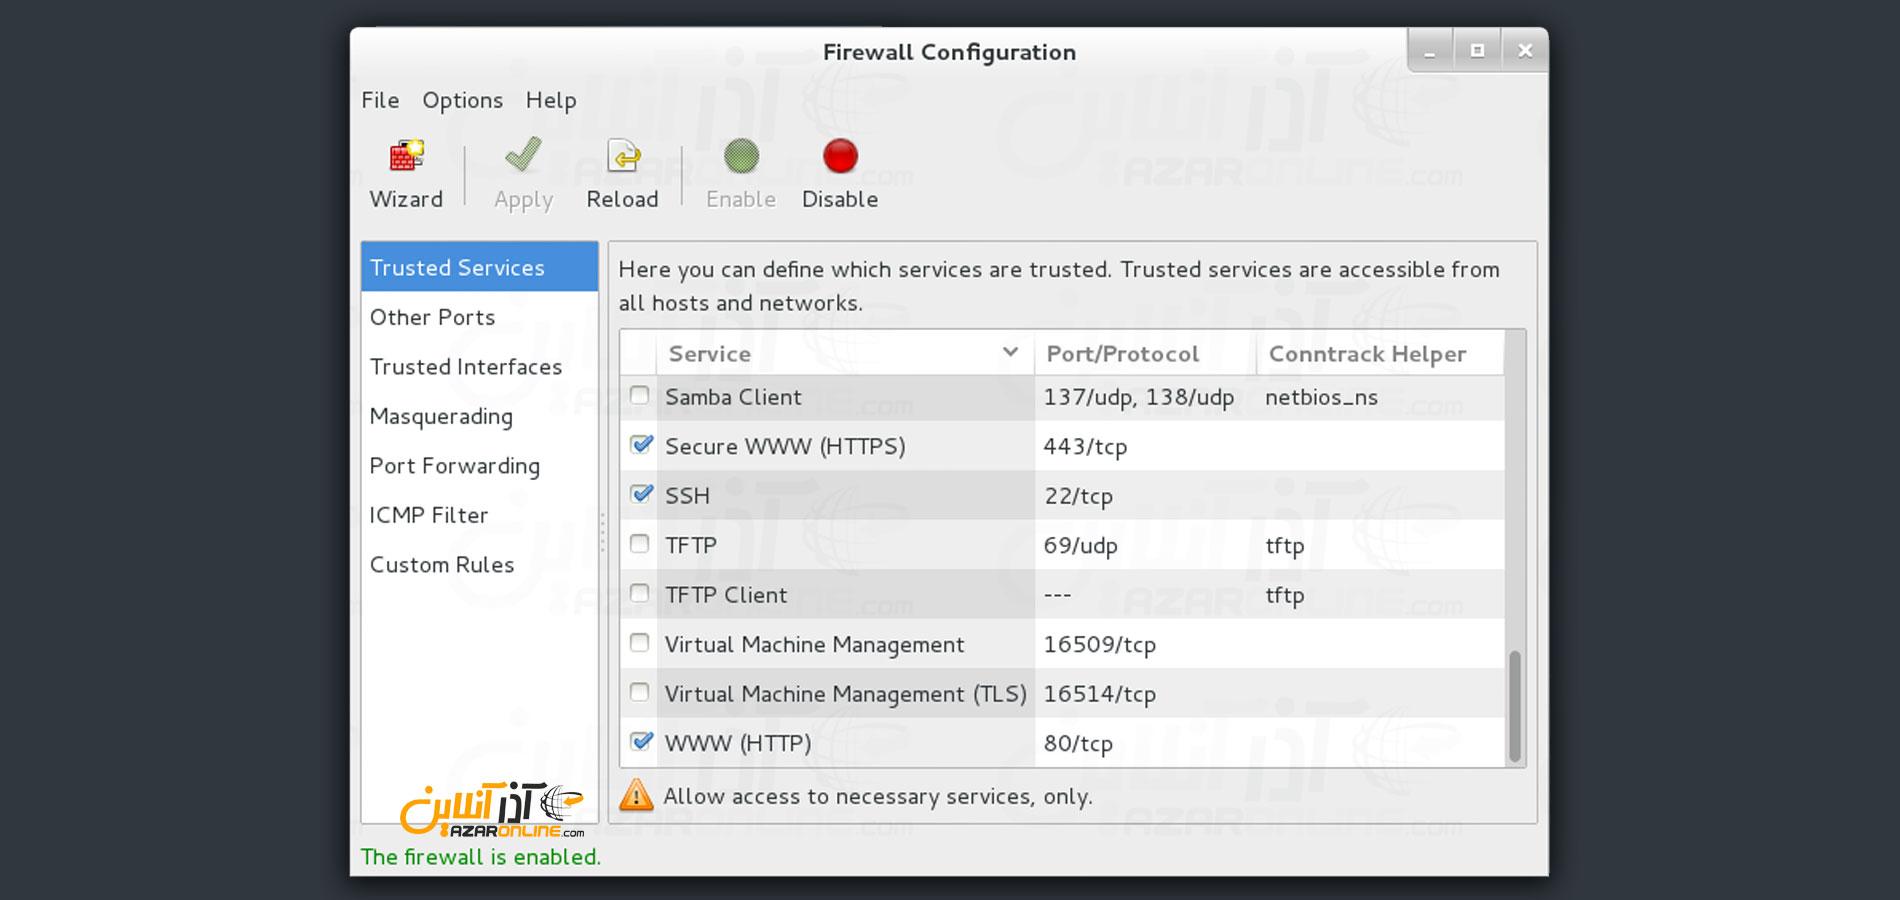 معرفی فایروال FirewallD در CentOS - تصویر محیط FirewallD